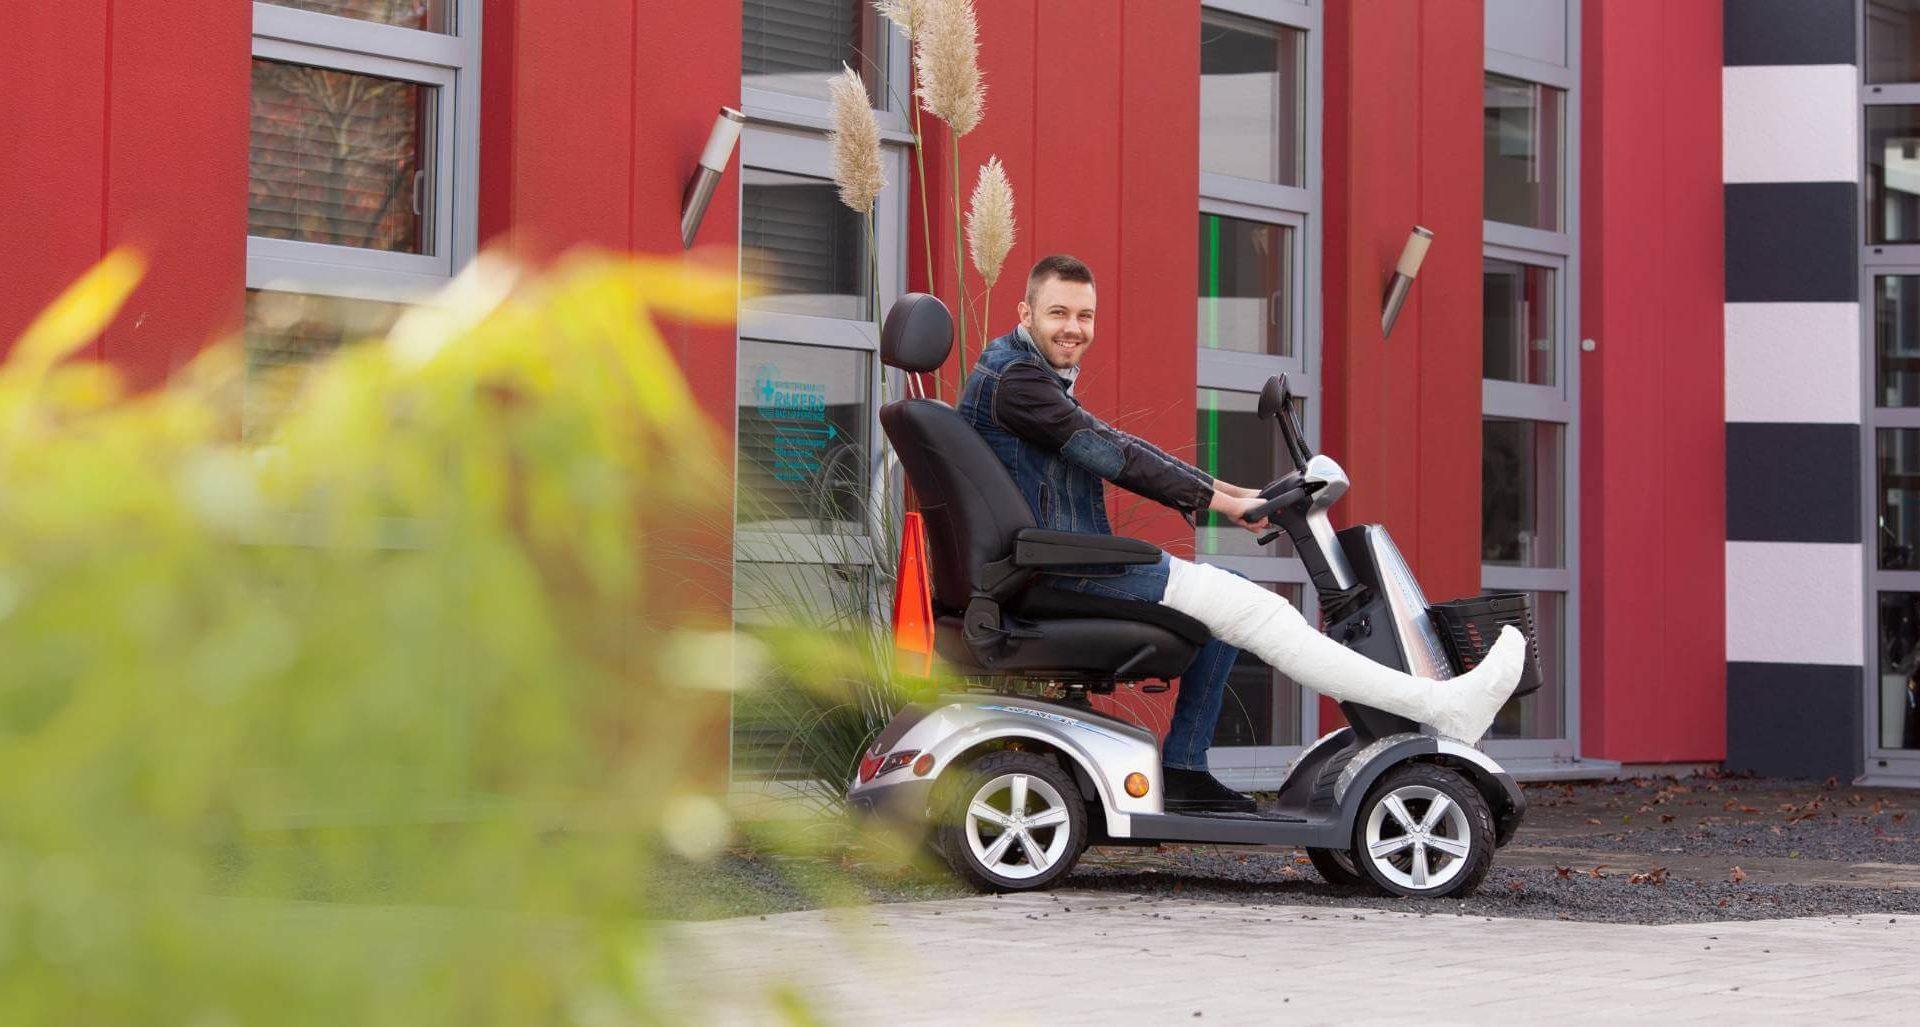 Rollstuhlfahrer mobil unterwegs